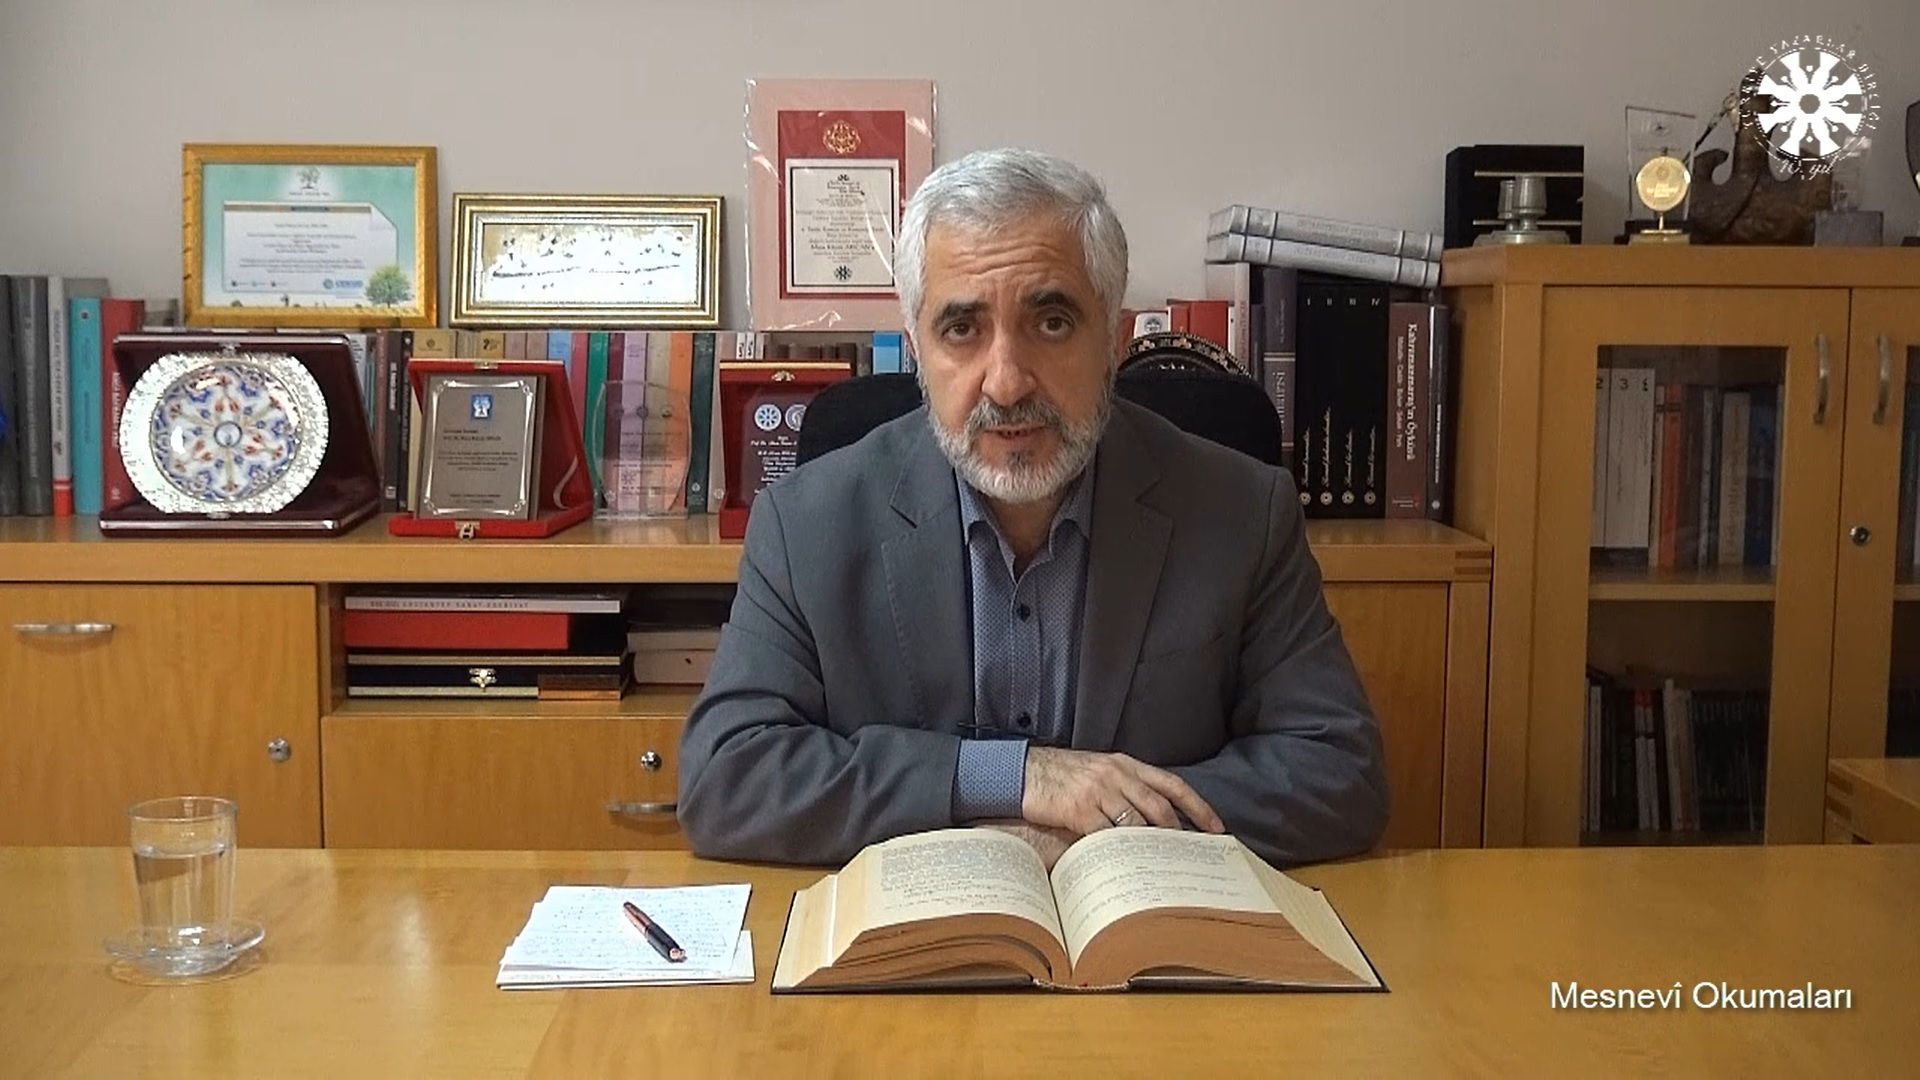 Mesnevî Okumaları -96- Prof. Dr. Zülfikar Güngör